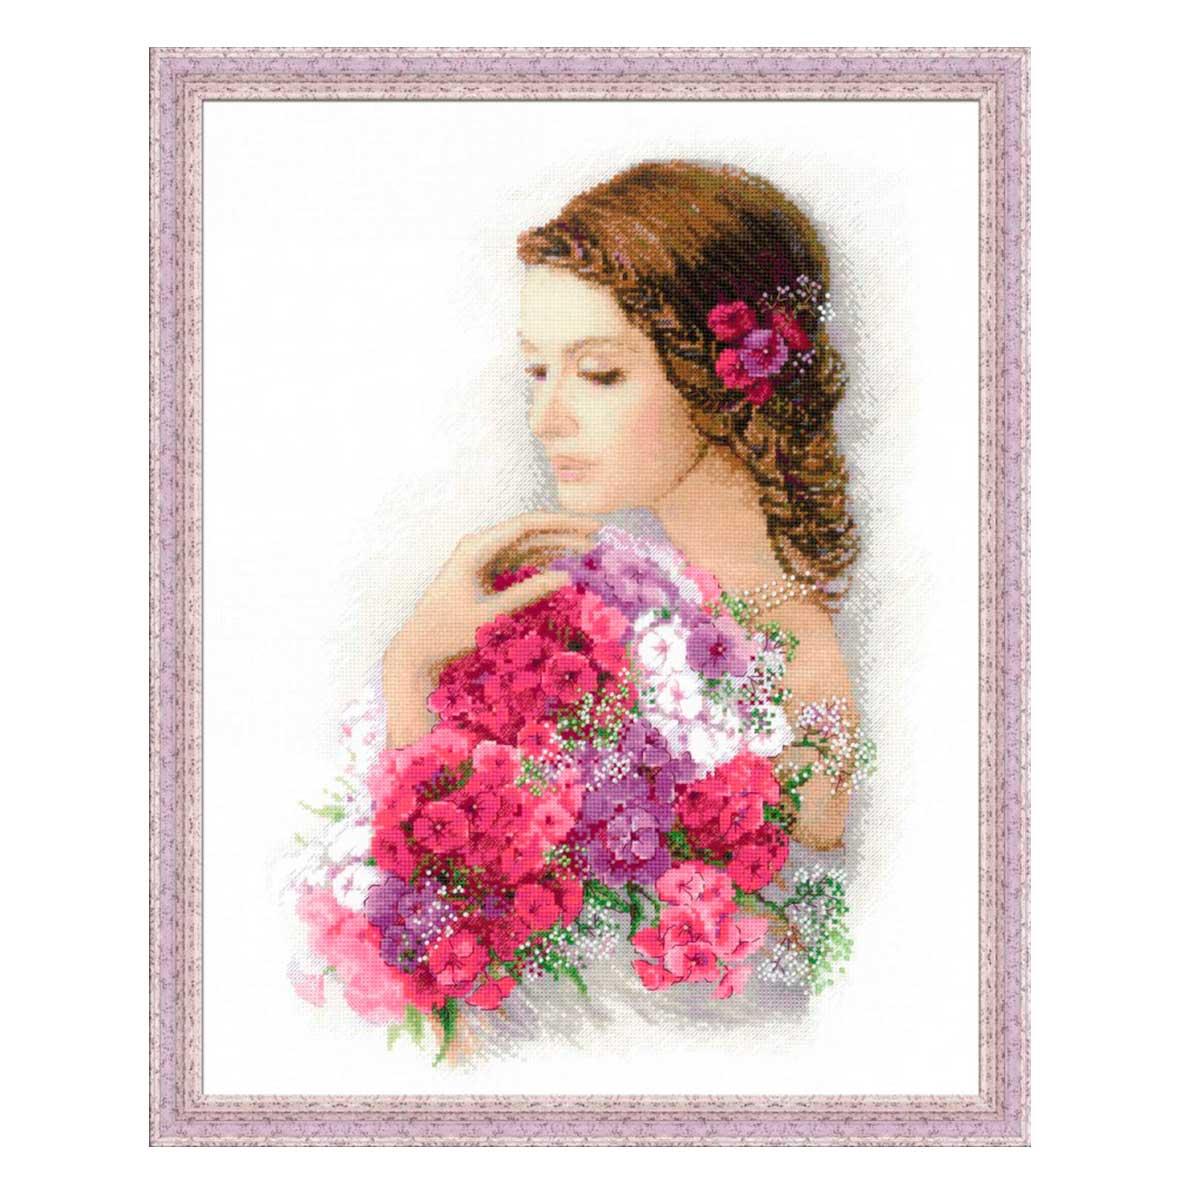 100/036 Набор для вышивания Riolis 'Очарование лета', 35*45 см